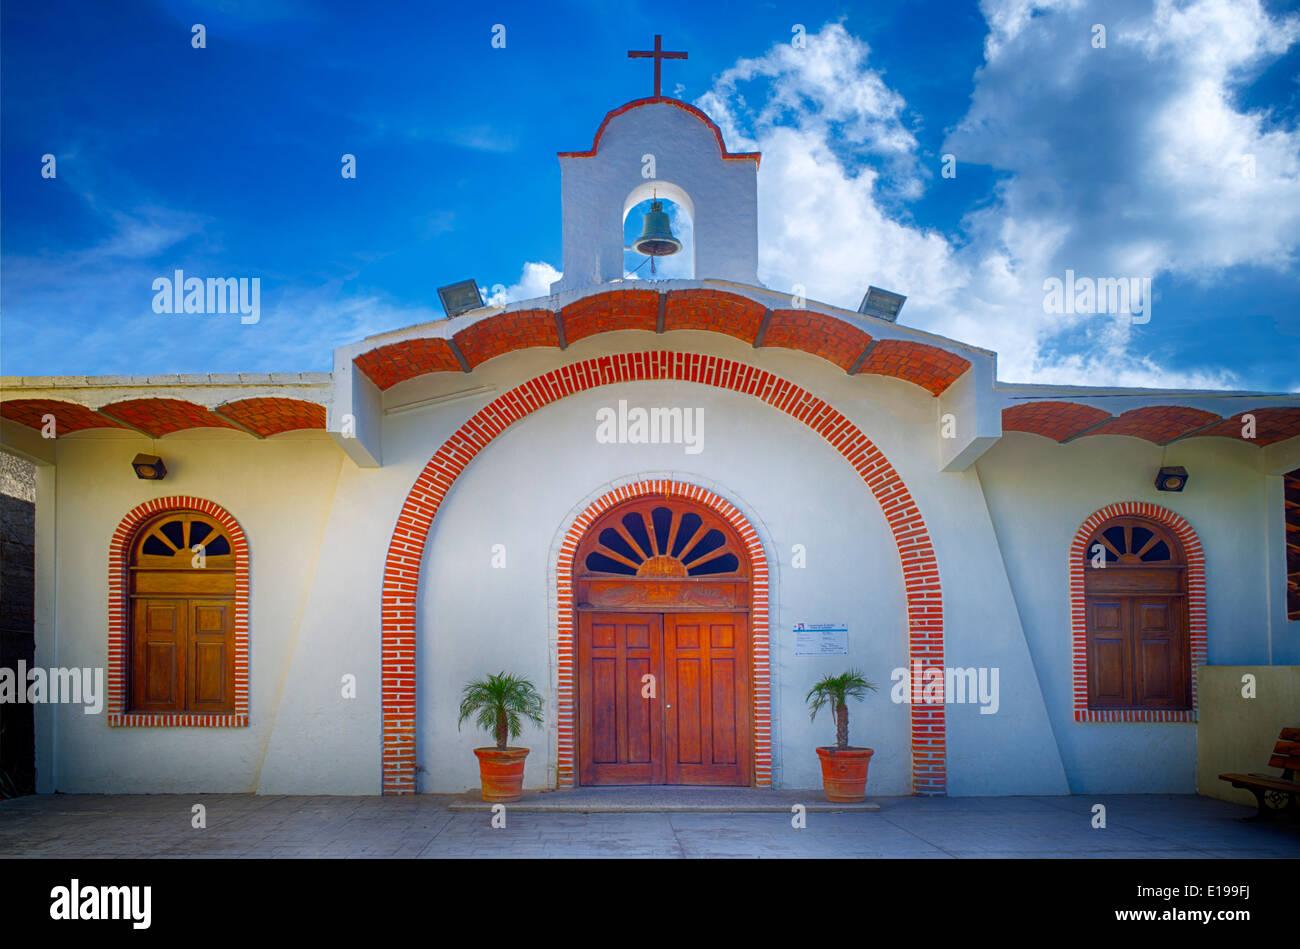 Iglesia en Sayulita, México. Cuasiparroquia de Nuestra Señora de Guadalupe Imagen De Stock